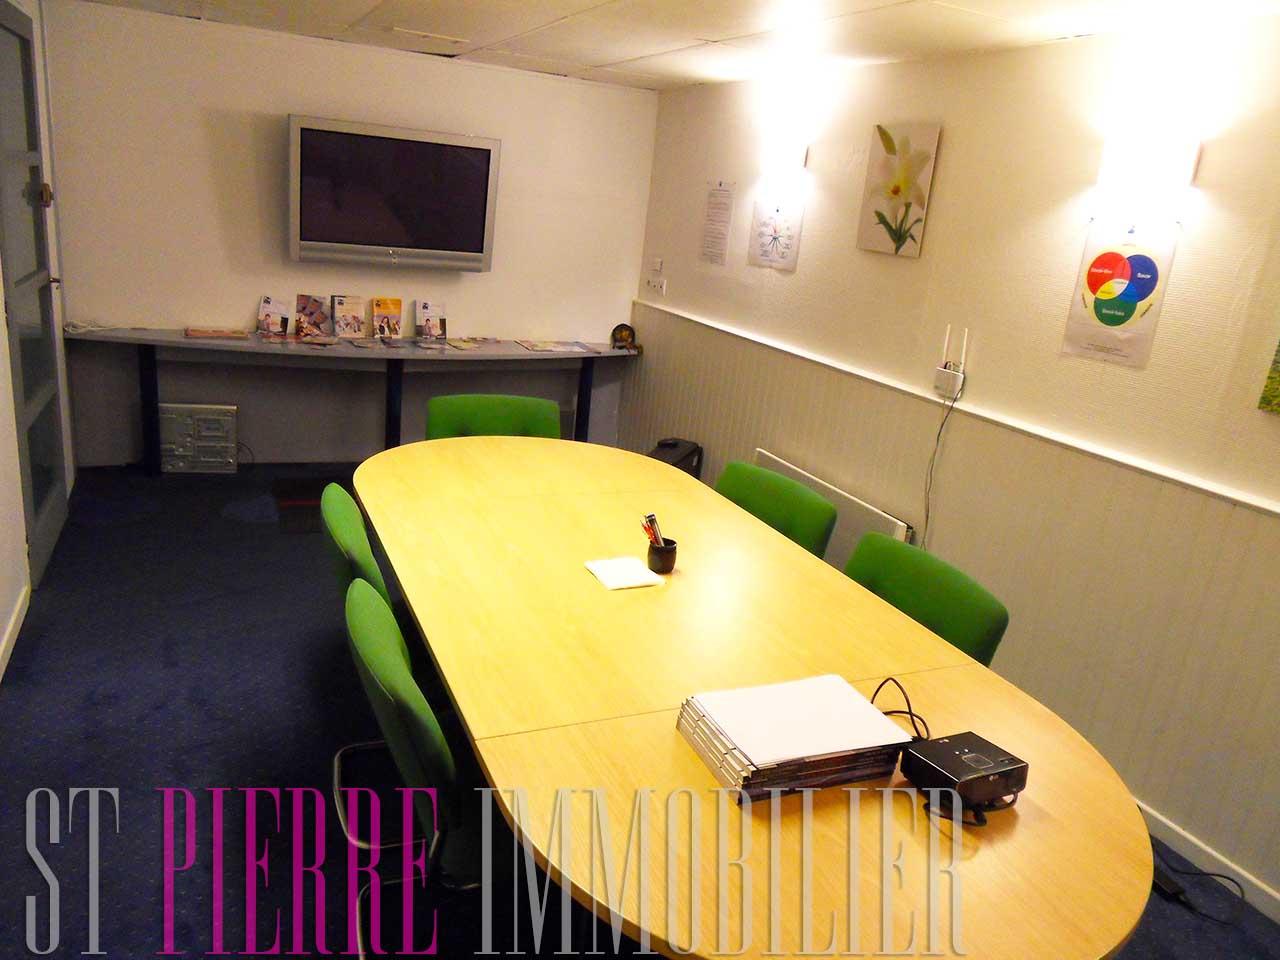 vente bureau rue de la gare niort st pierre immobilier st pierre immobilier niort. Black Bedroom Furniture Sets. Home Design Ideas